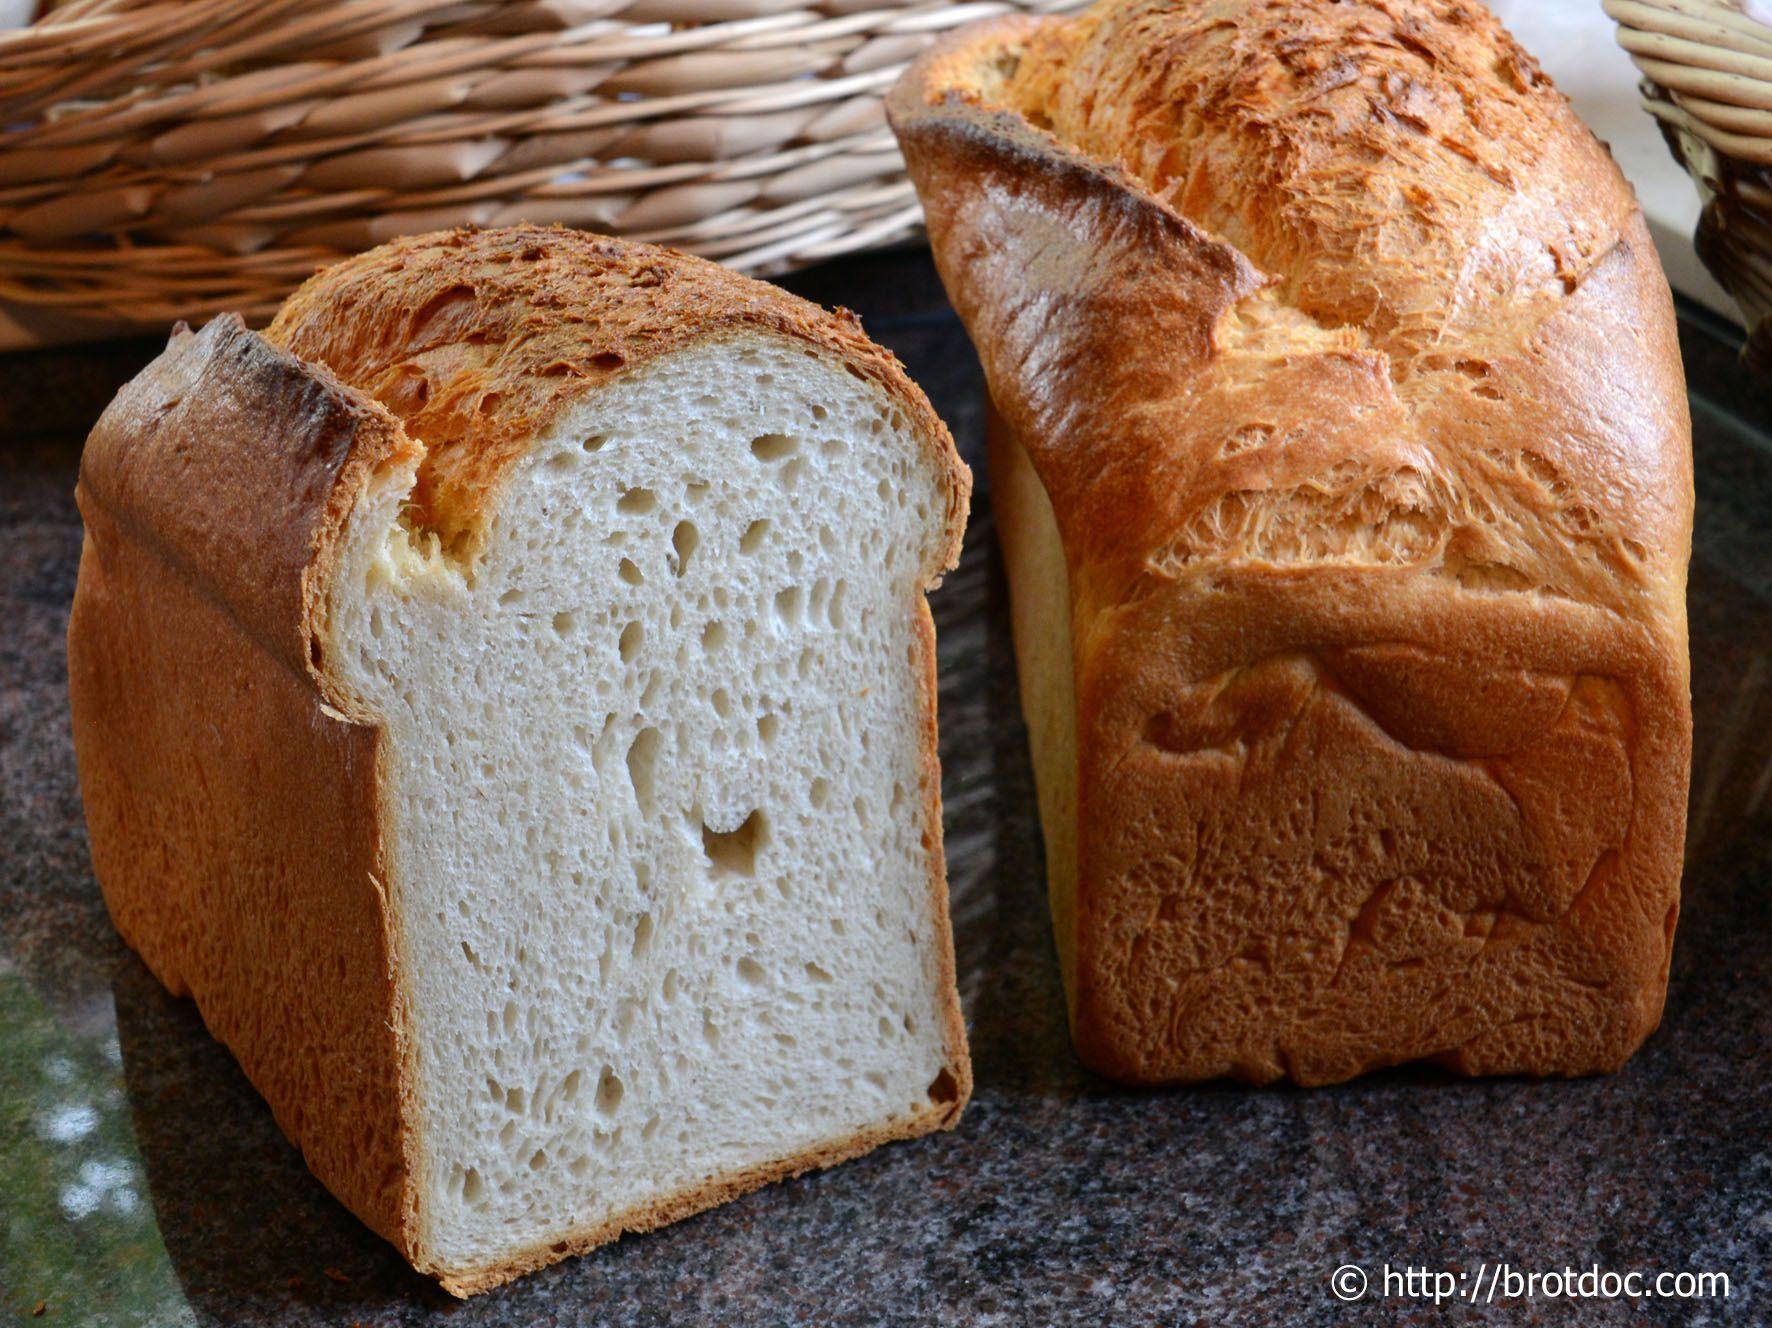 Das vierte Sandwich-Brot hat eine besondere Zutat: Sahne. Sahne wird ebenfalls selten in der Brotbäckerei verwendet. Sie soll hier zusammen mit dem hohen Butteranteil dafür sorgen, daß die Krume ei…